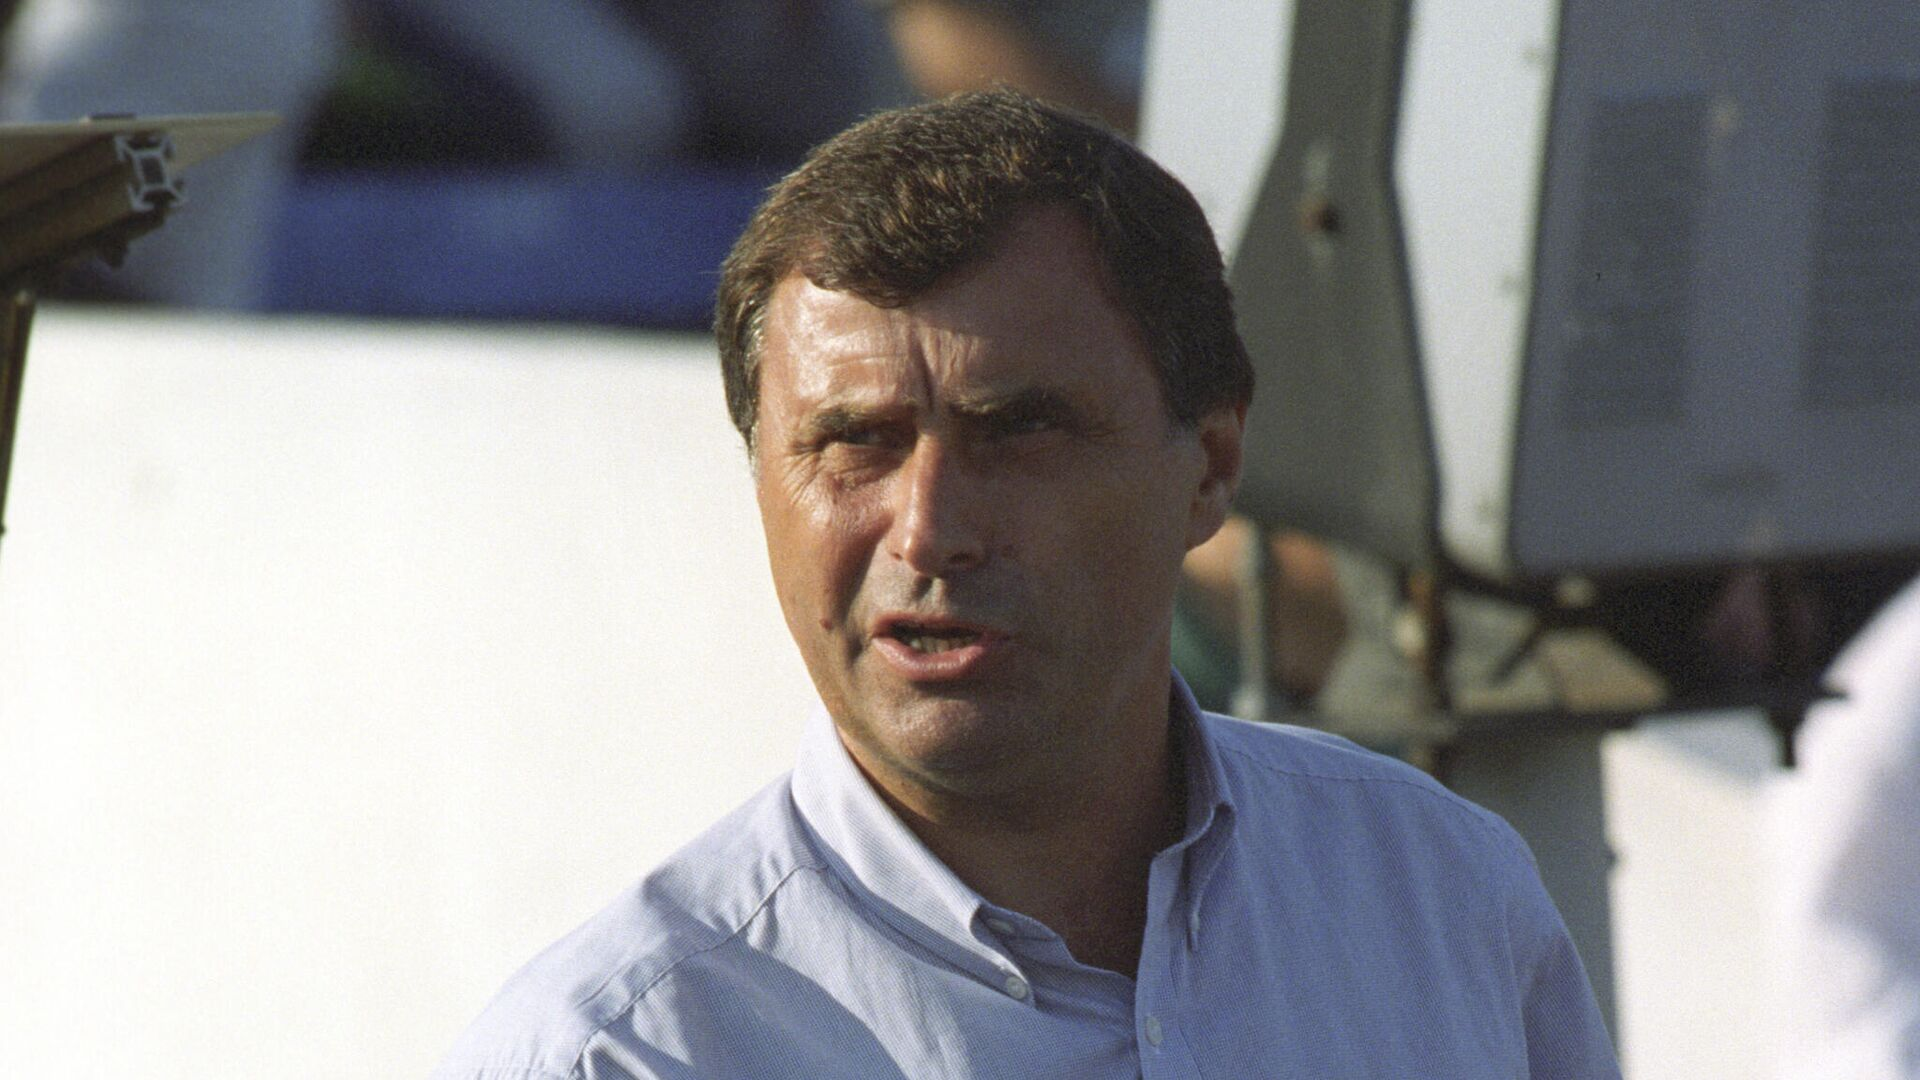 Анатолий Бышовец, 1997 год - РИА Новости, 1920, 14.01.2021